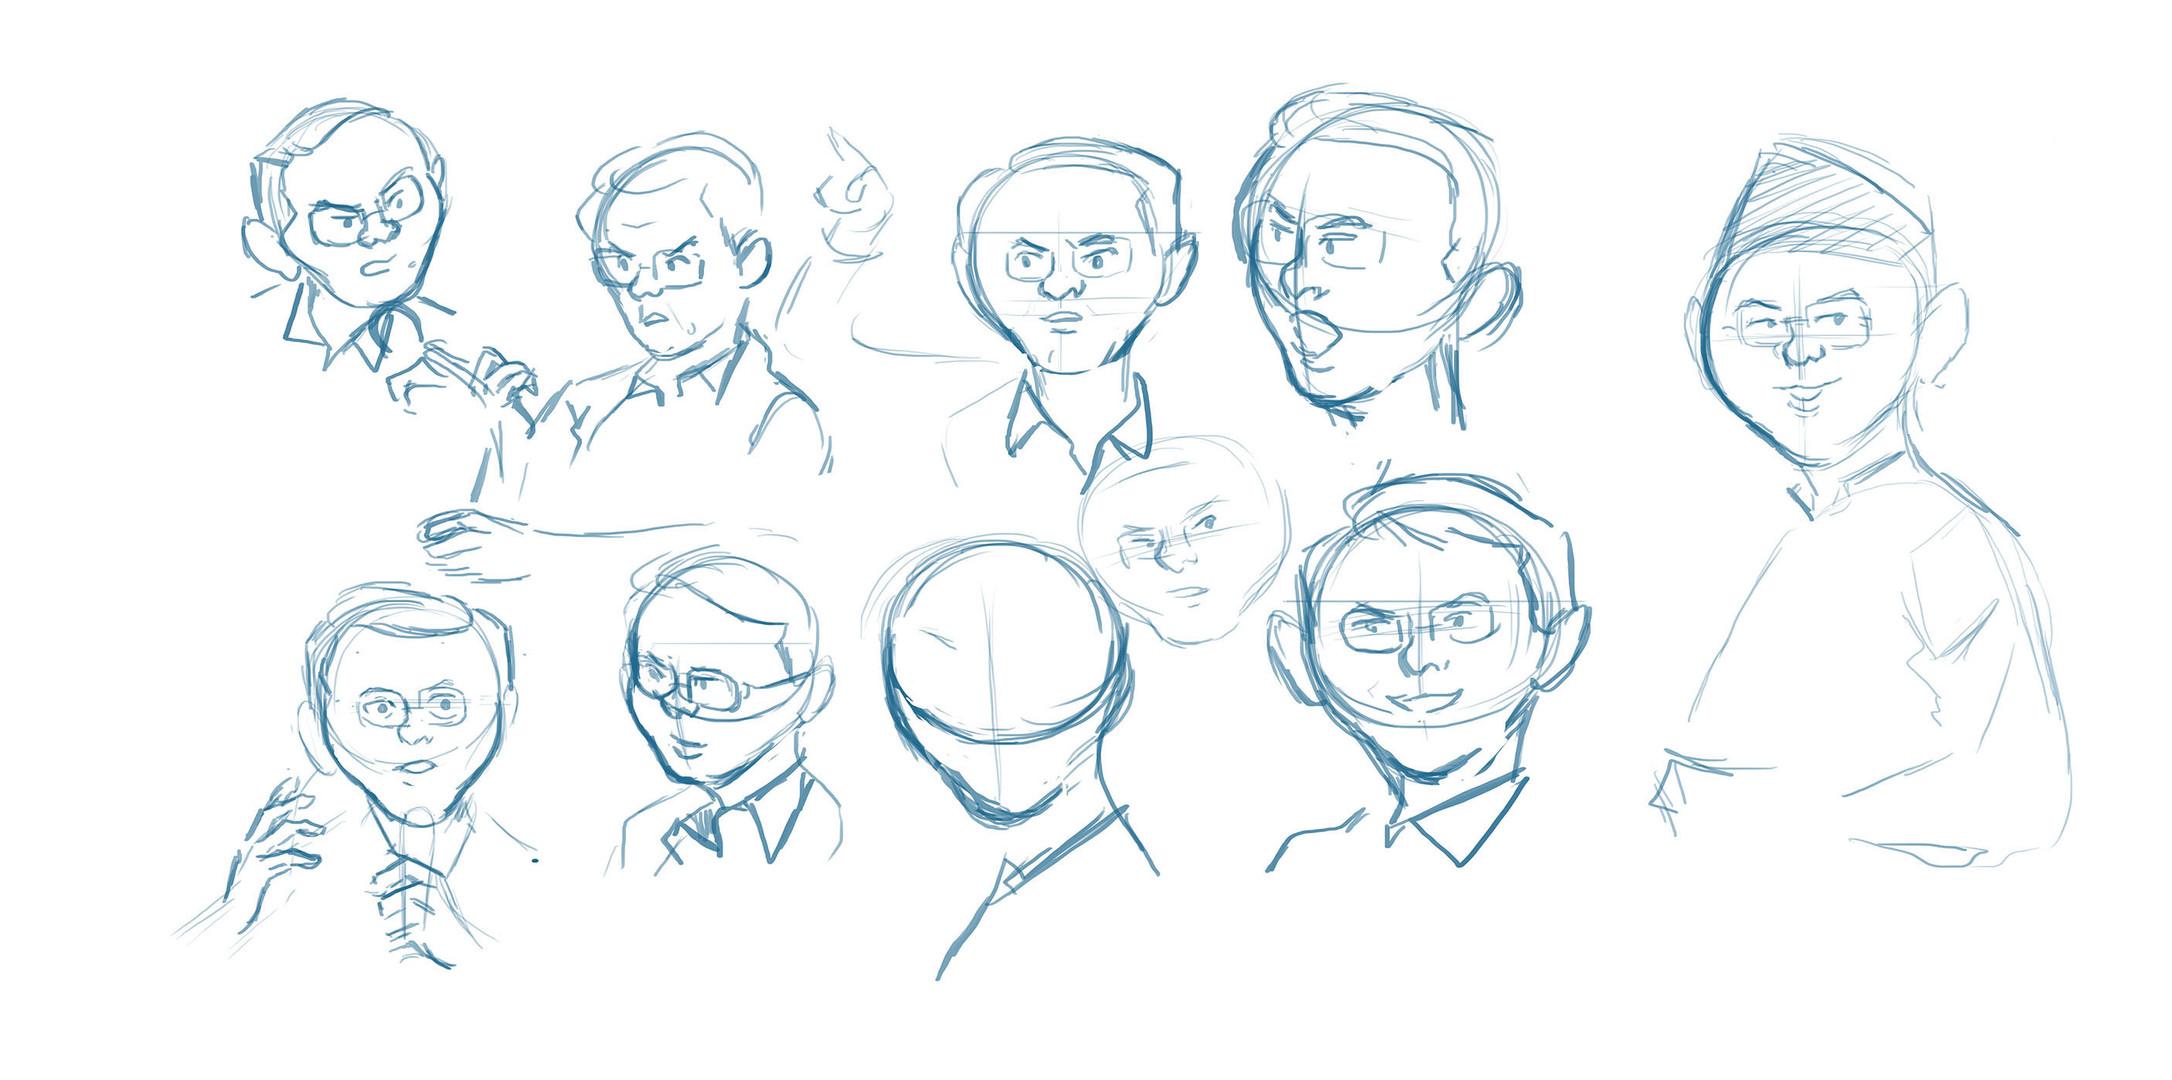 Ahok Sketches